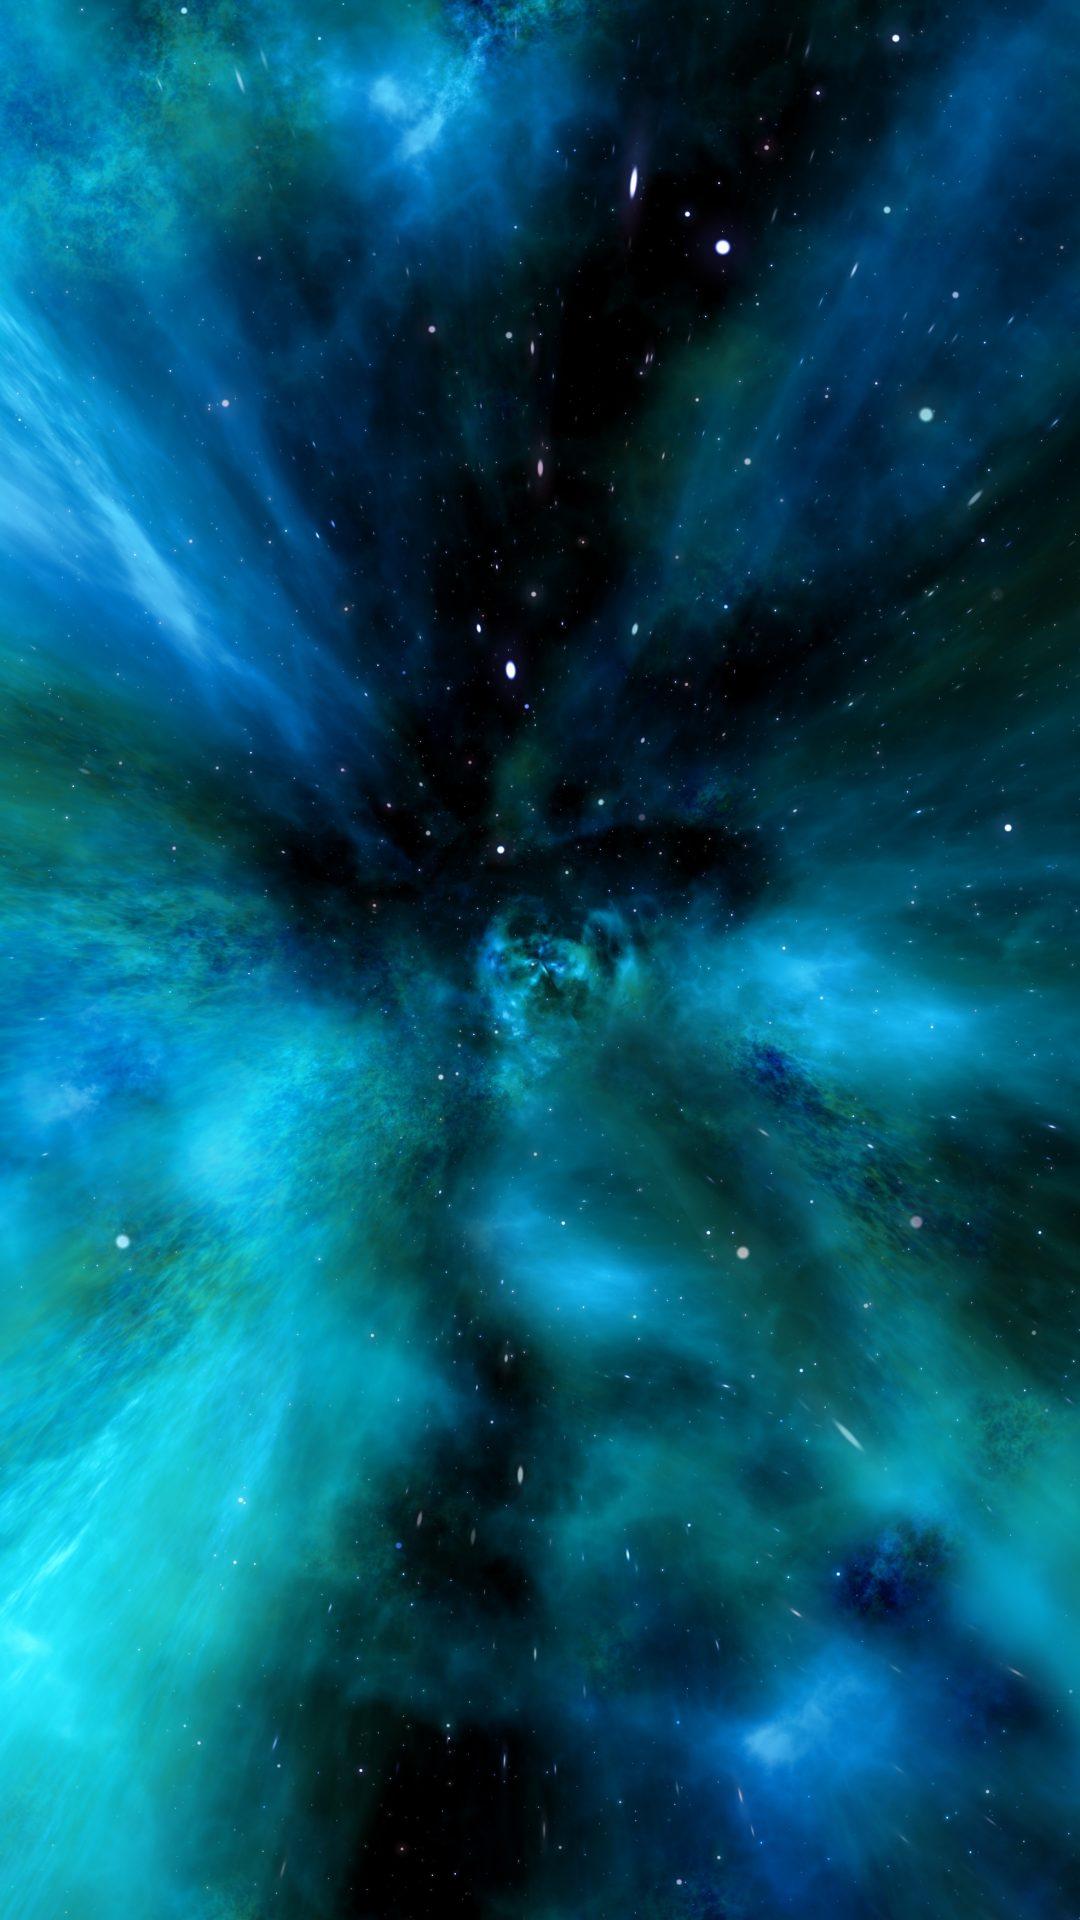 Blue Galaxy 4K